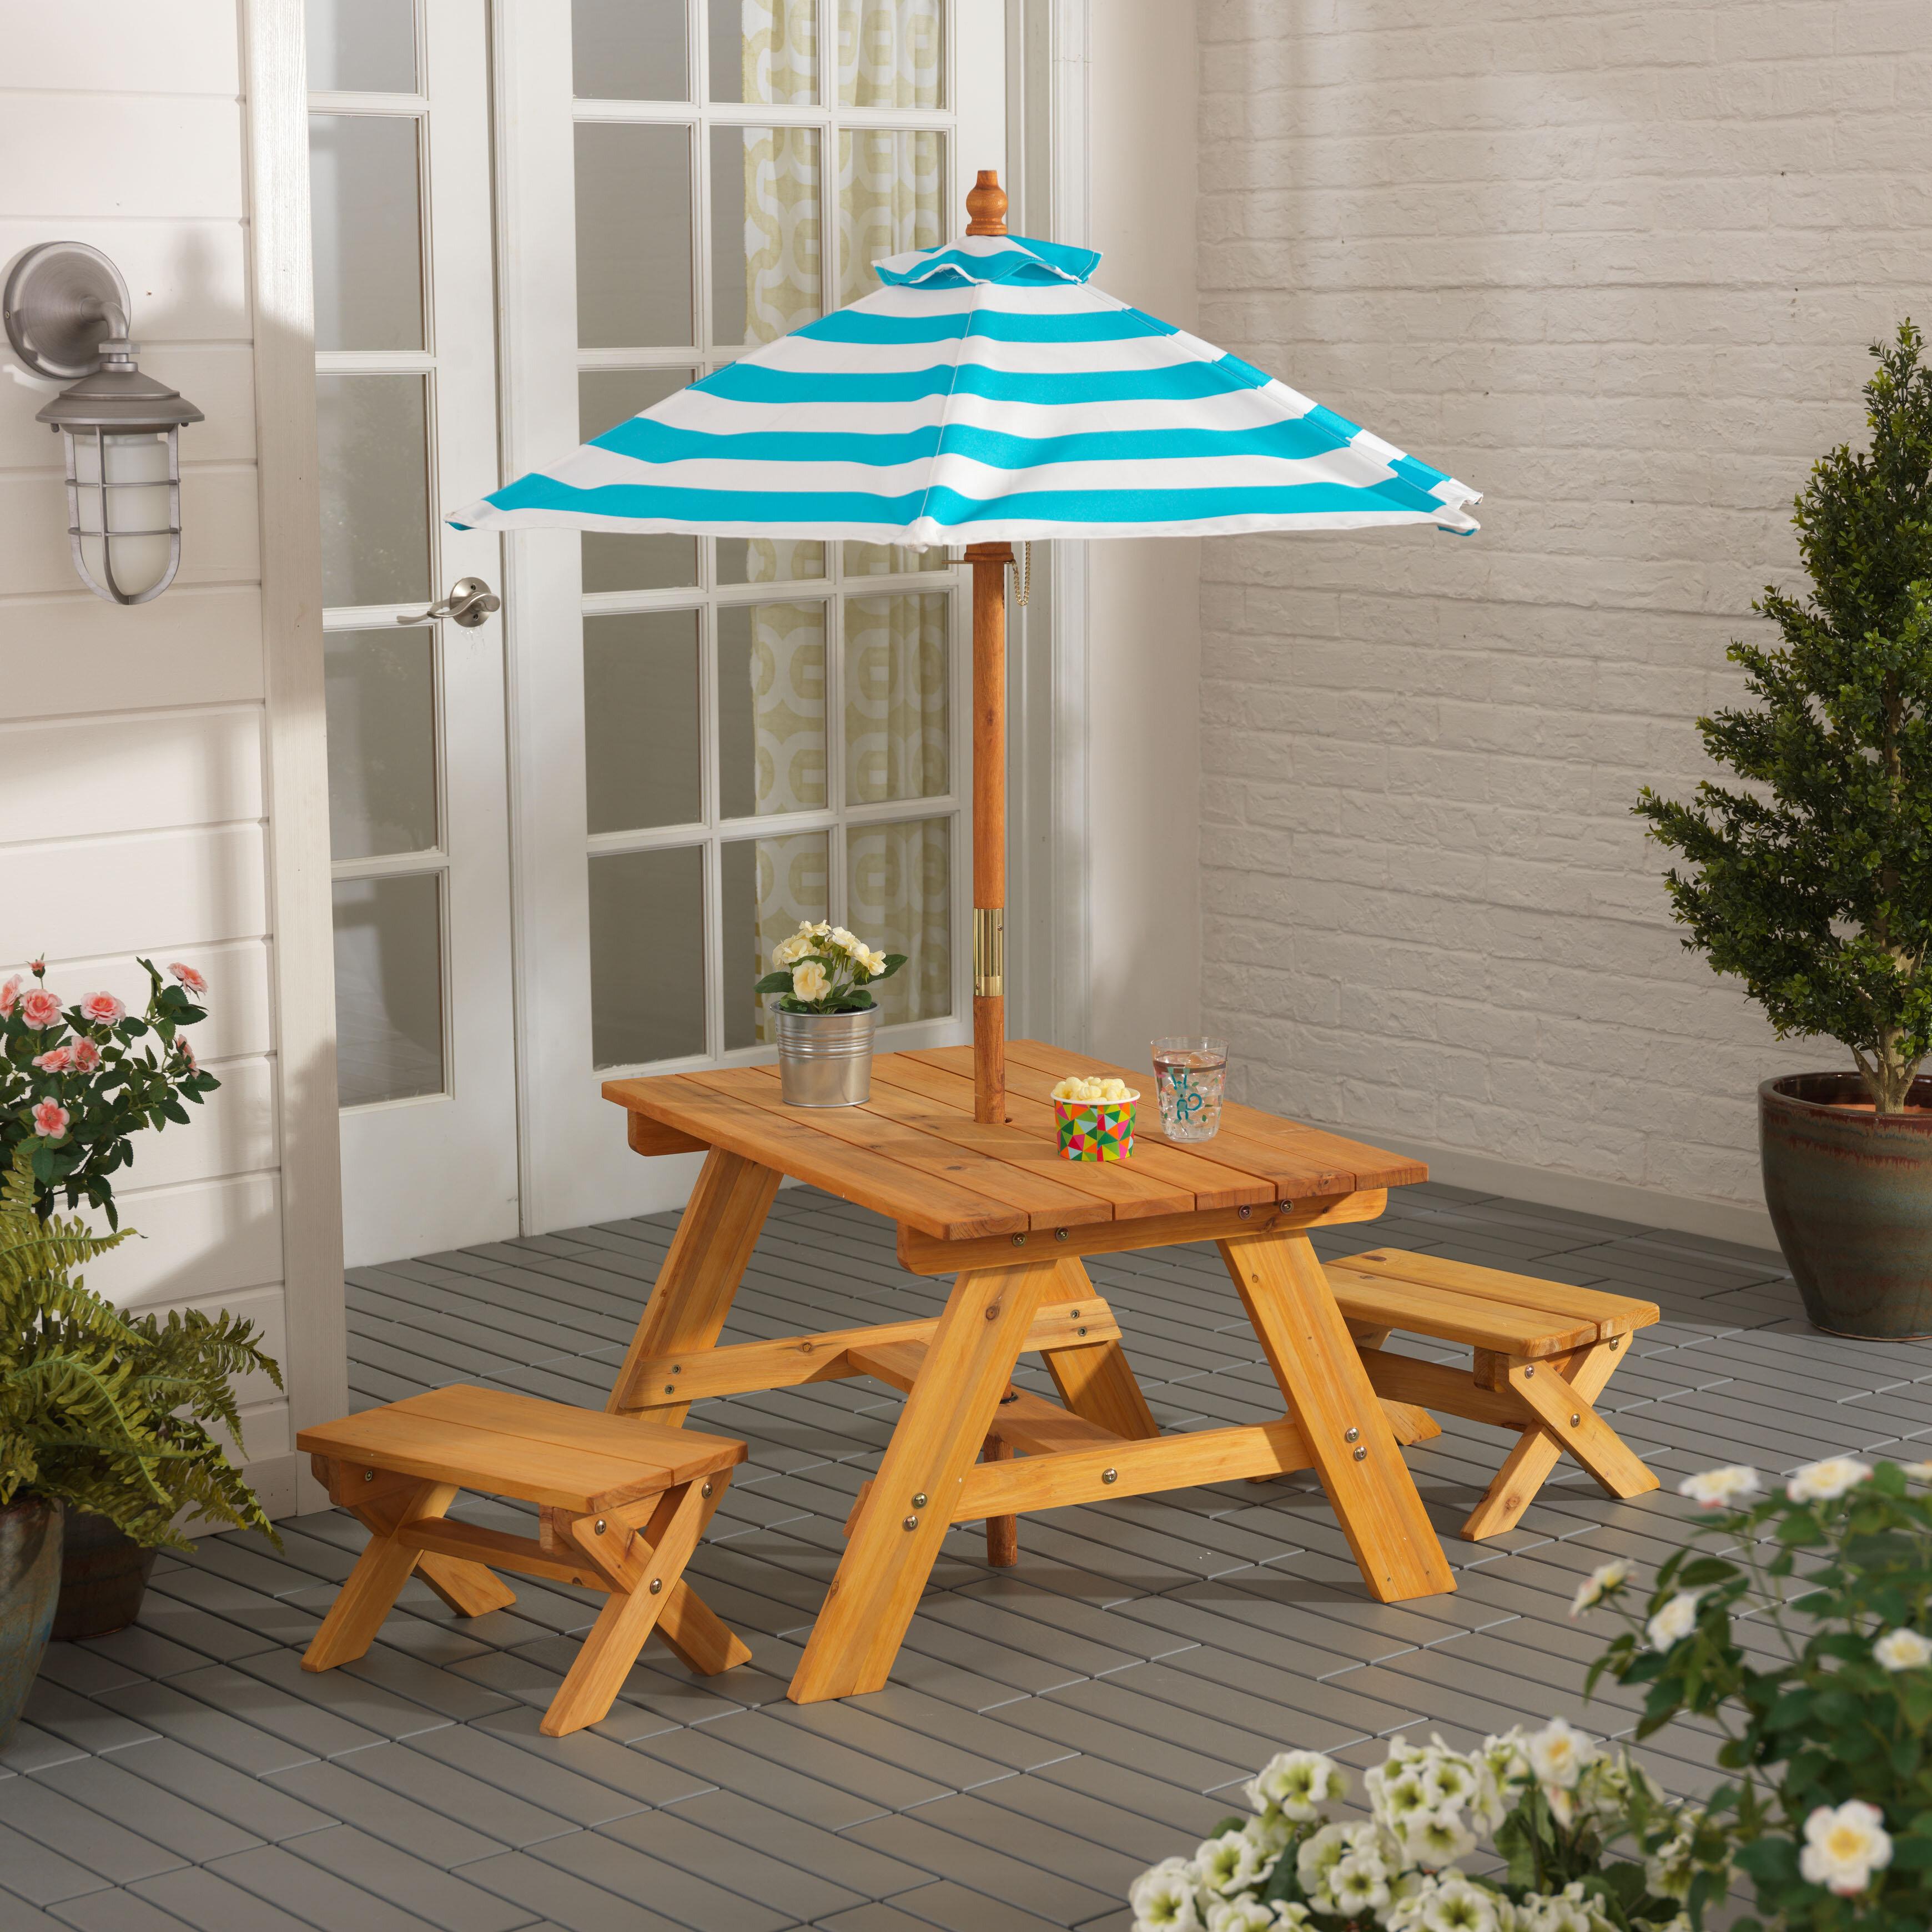 KidKraft Outdoor Kidsu0027 4 Piece Picnic Table Set With Umbrella U0026 Reviews |  Wayfair